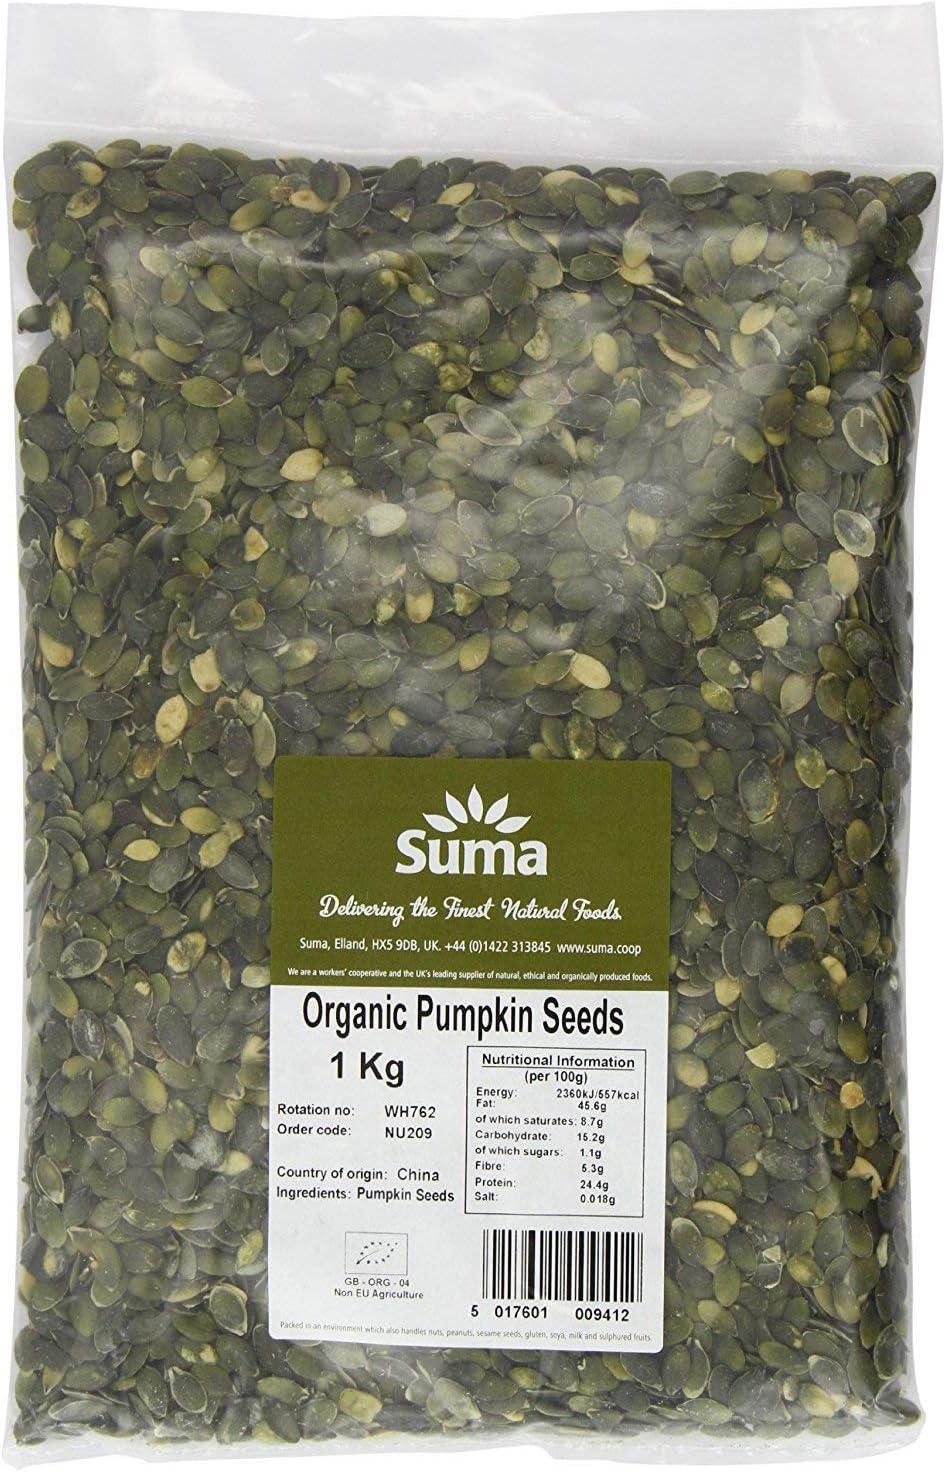 Suma Organic Pumpkin Seeds 1kg